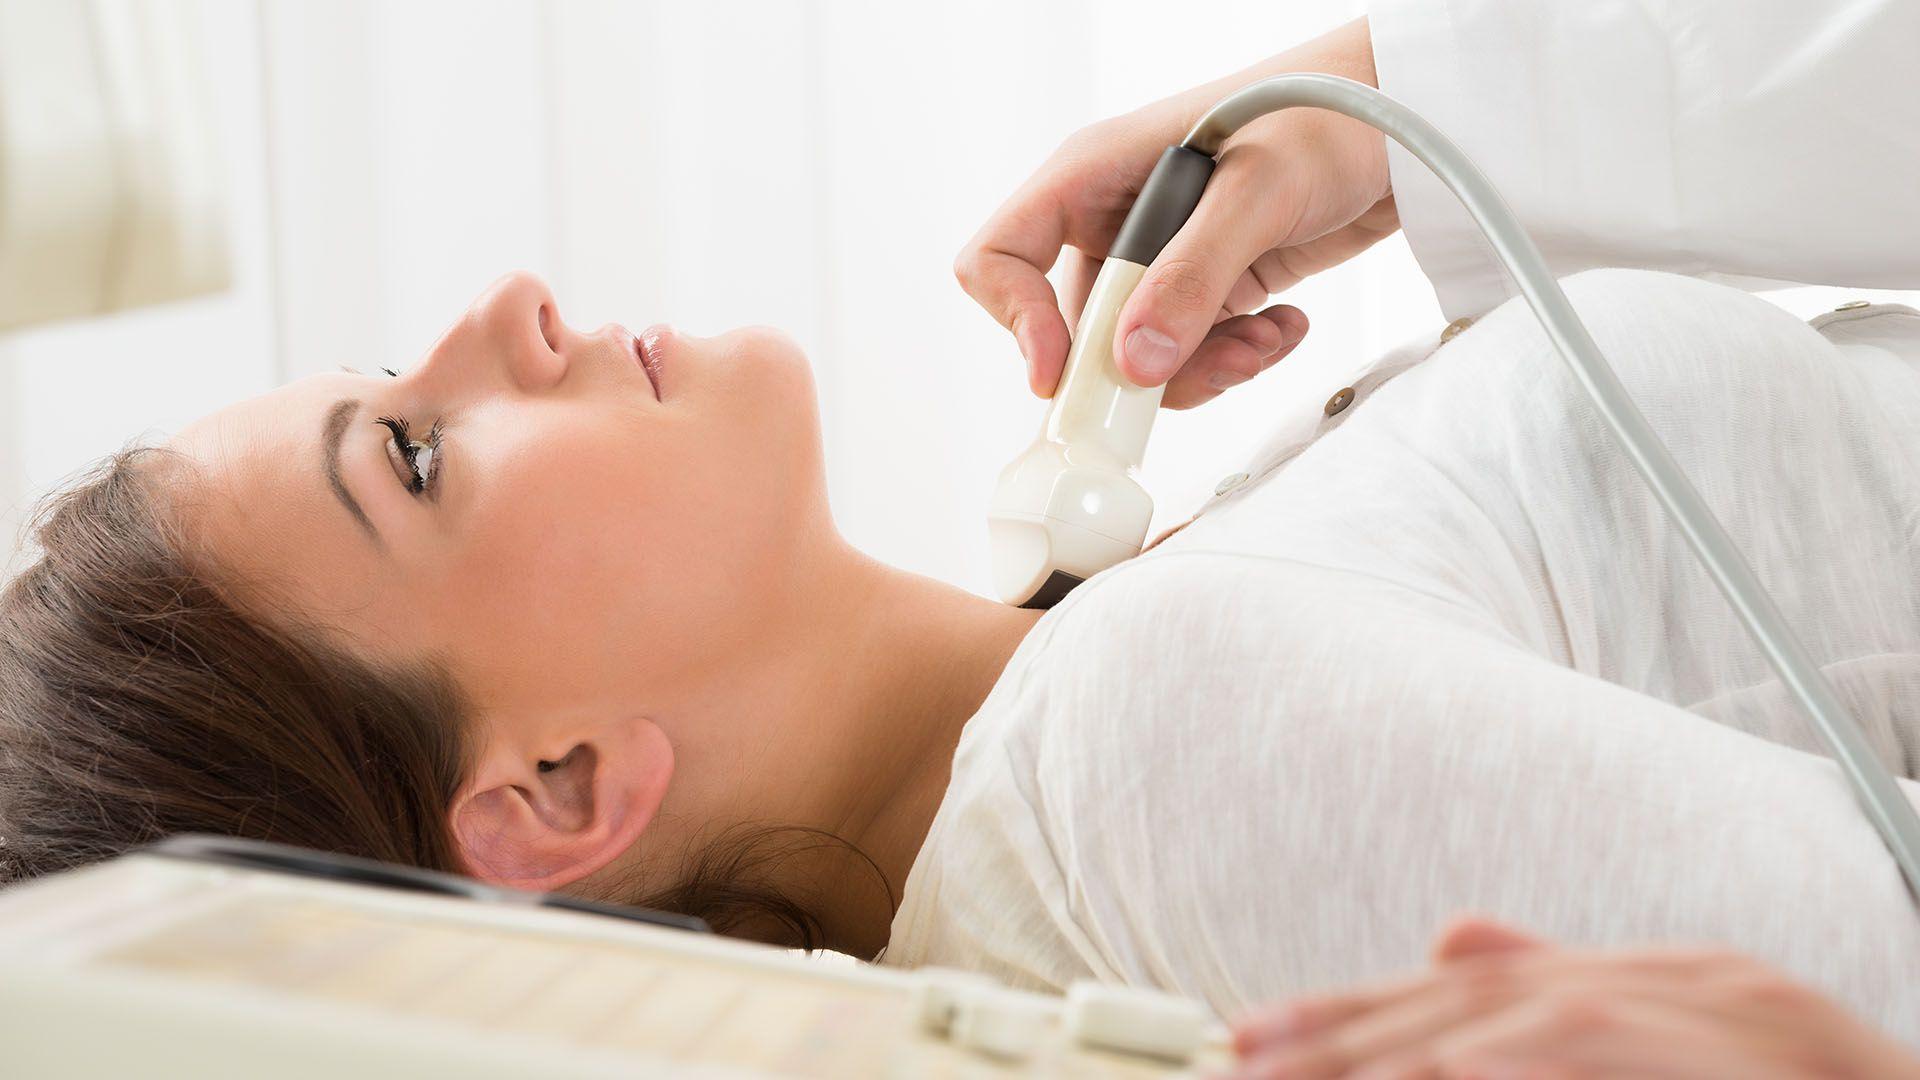 Es importante tener en cuenta los signos de fatiga vocal, que deben llevar a la consulta médica inmediata (Getty)